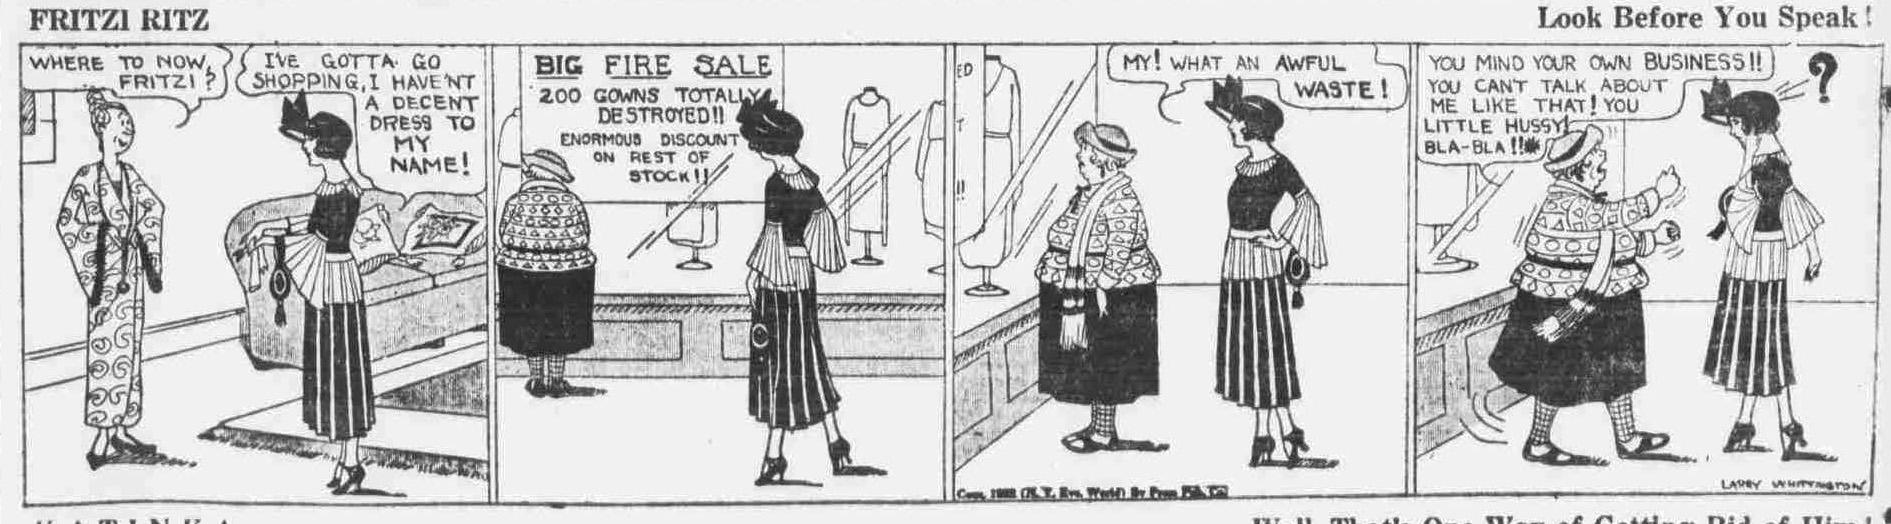 Oct. 21, 1922